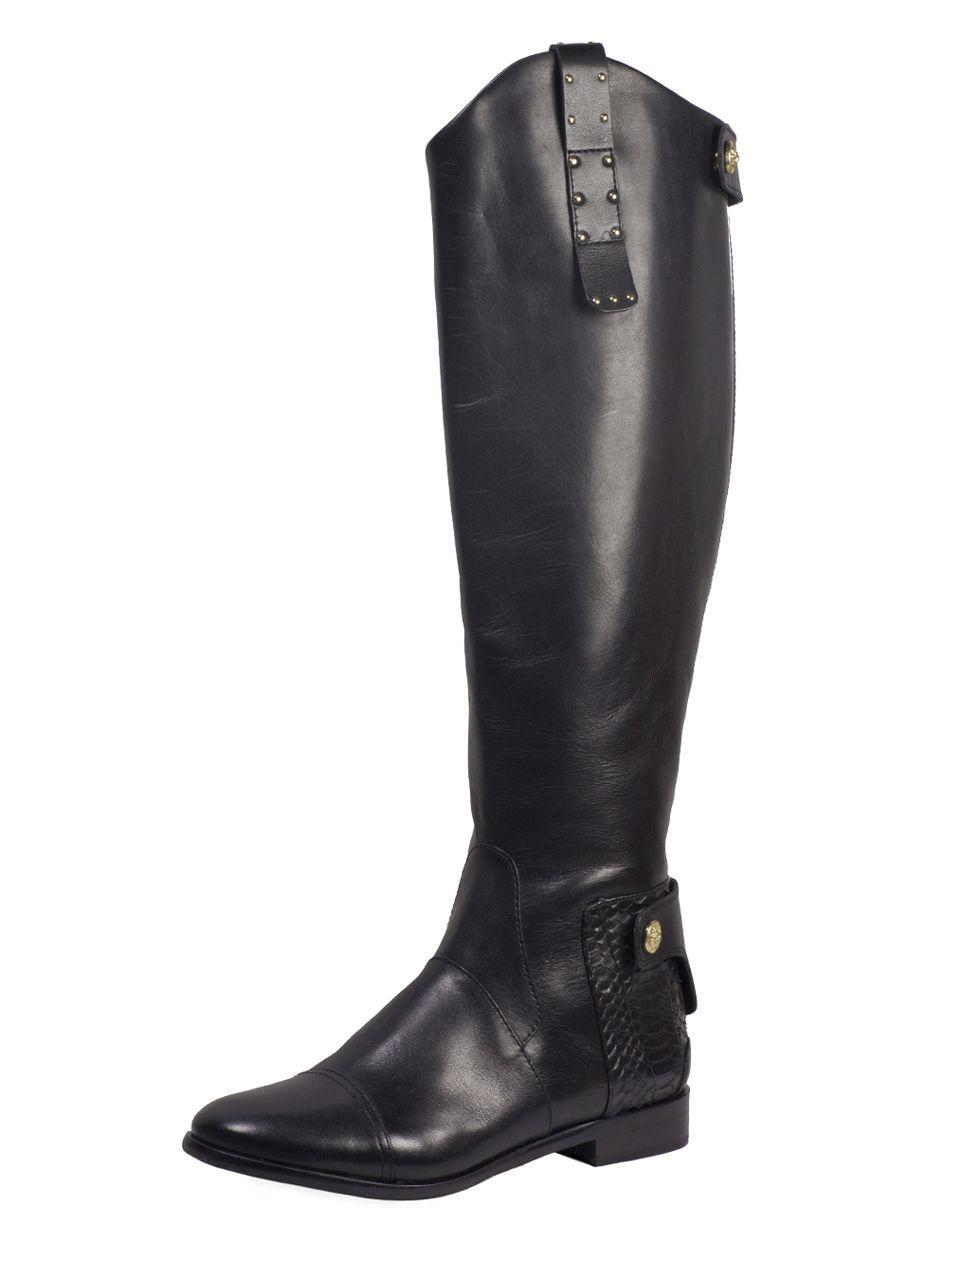 Sam Edelman Dara Riding Boot. $300.